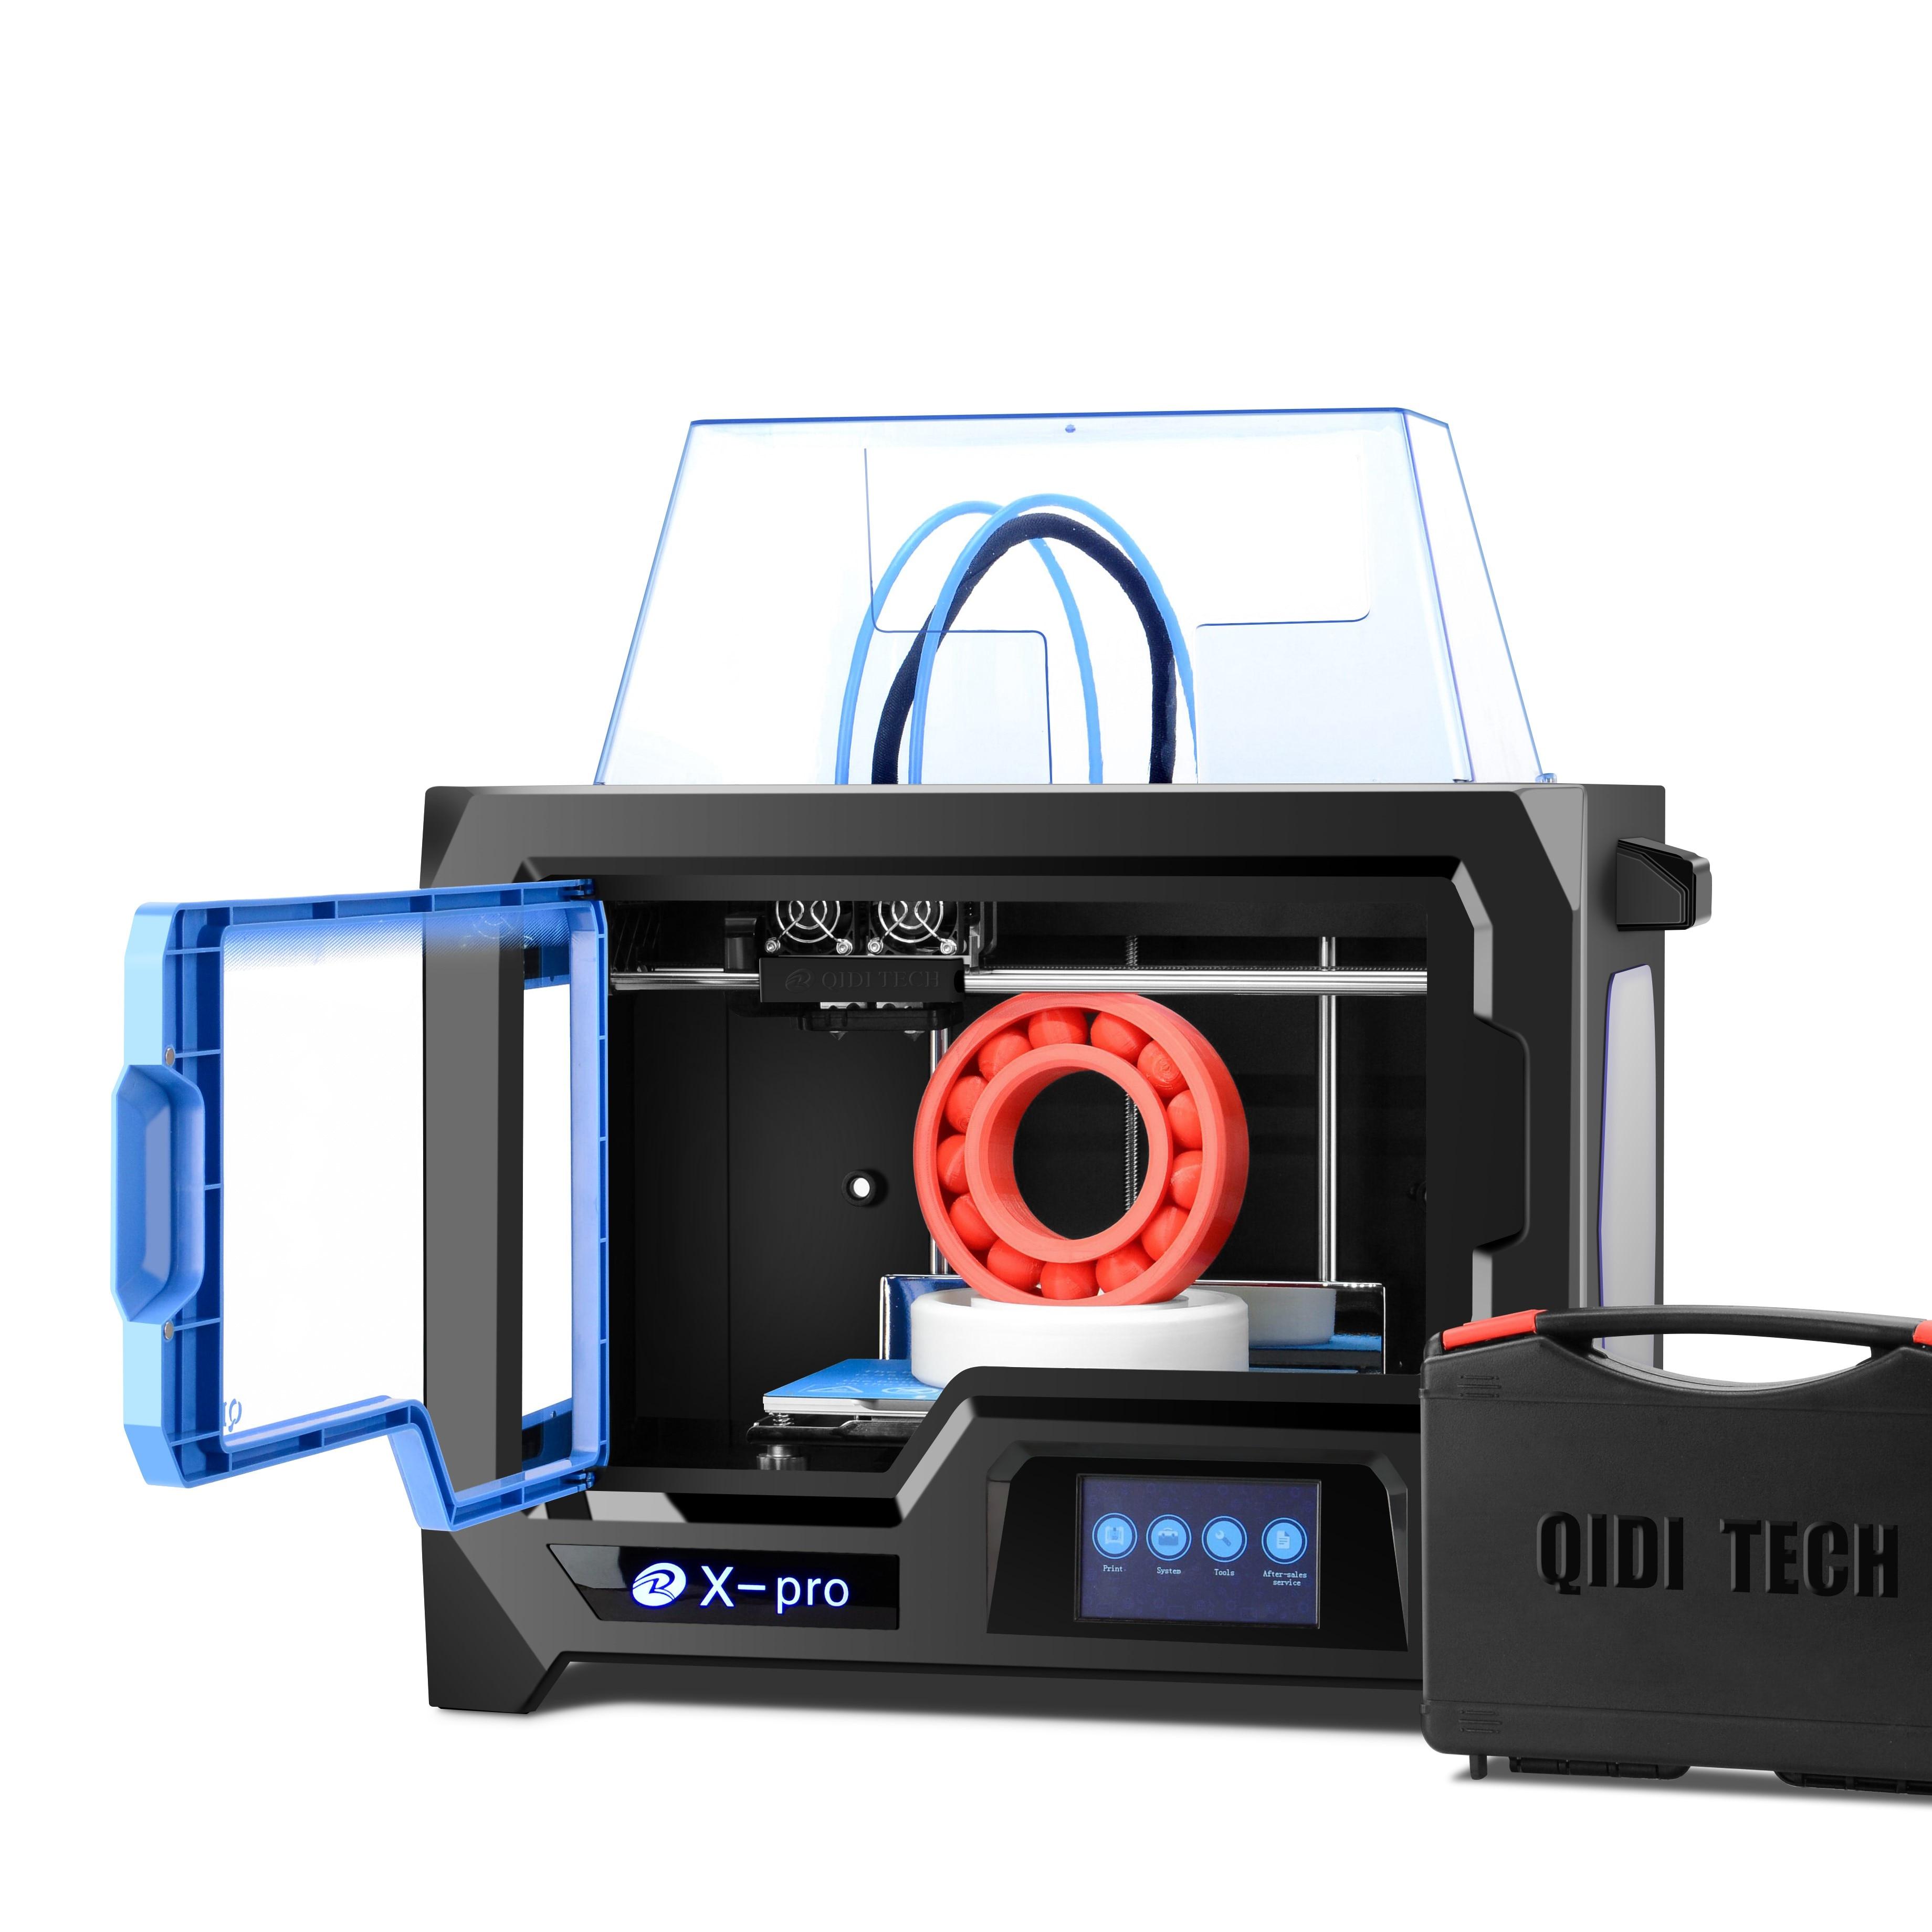 QIDI TECH 3D stampante Doppio Estrusore 3D stampante X-pro Da 4.3 Pollici Dello Schermo di Tocco di wifi/lan connessione 200*150*150 millimetri ABS E PLA TPU